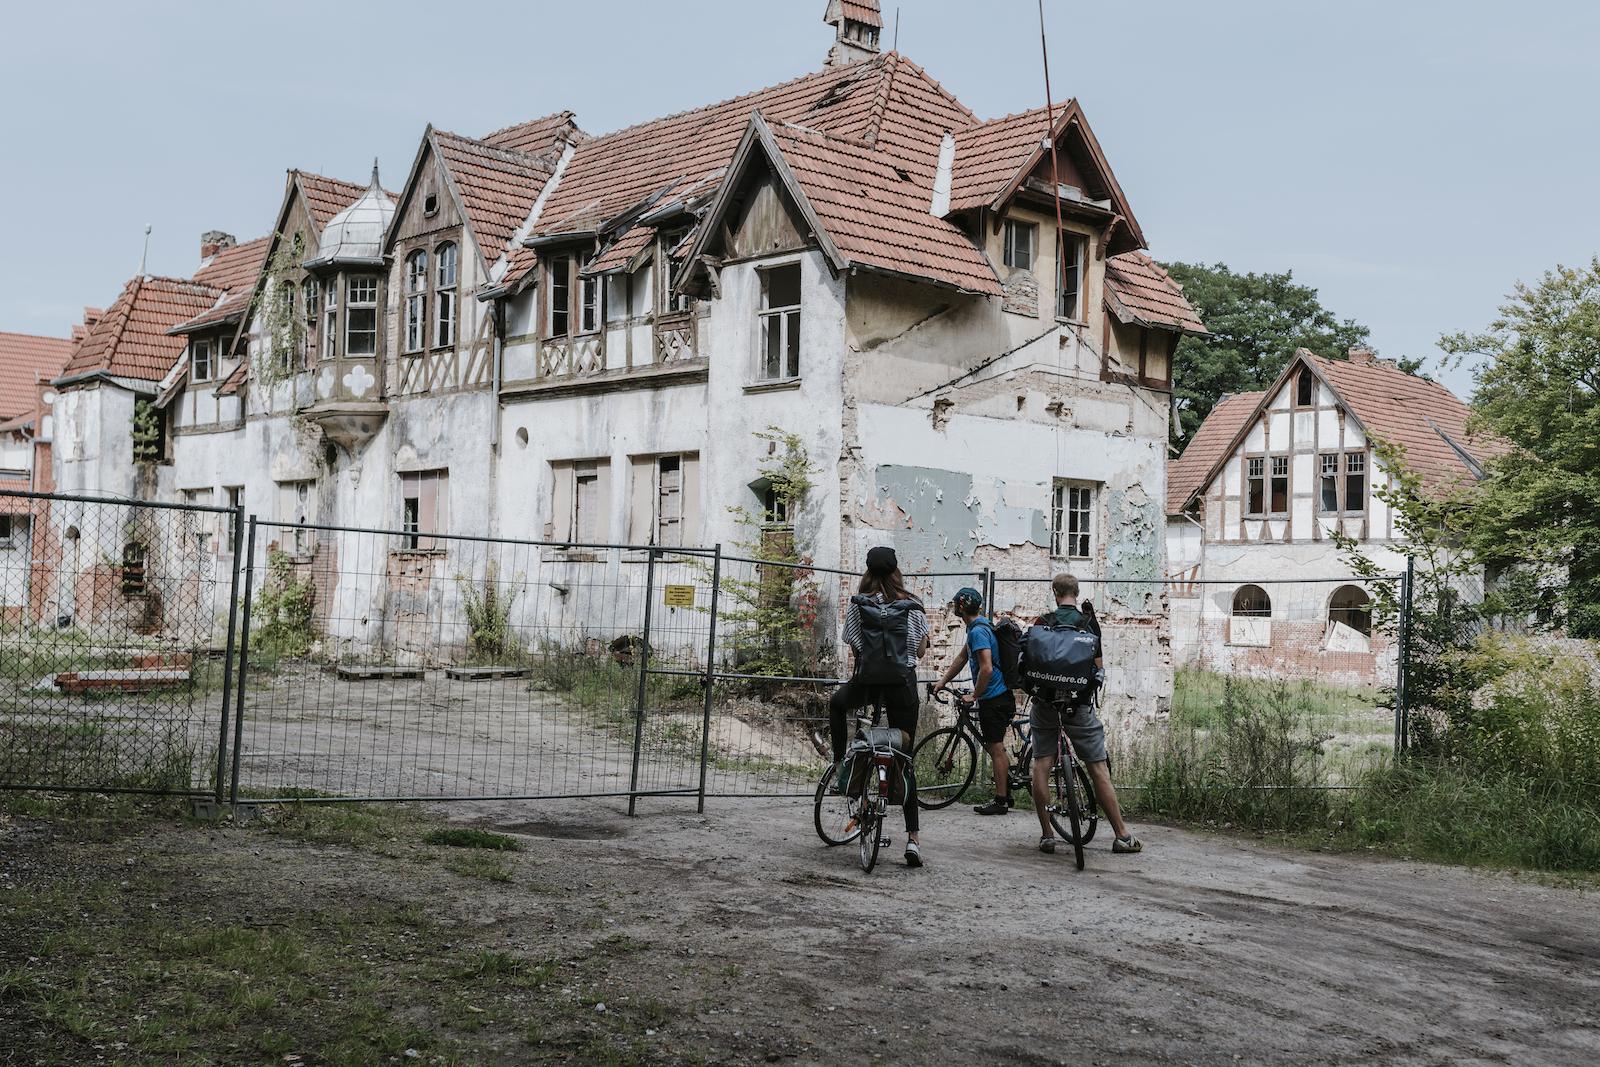 wecyclebrandenburg_(c)Madlen_Krippendorf_hohenlychen5.jpg